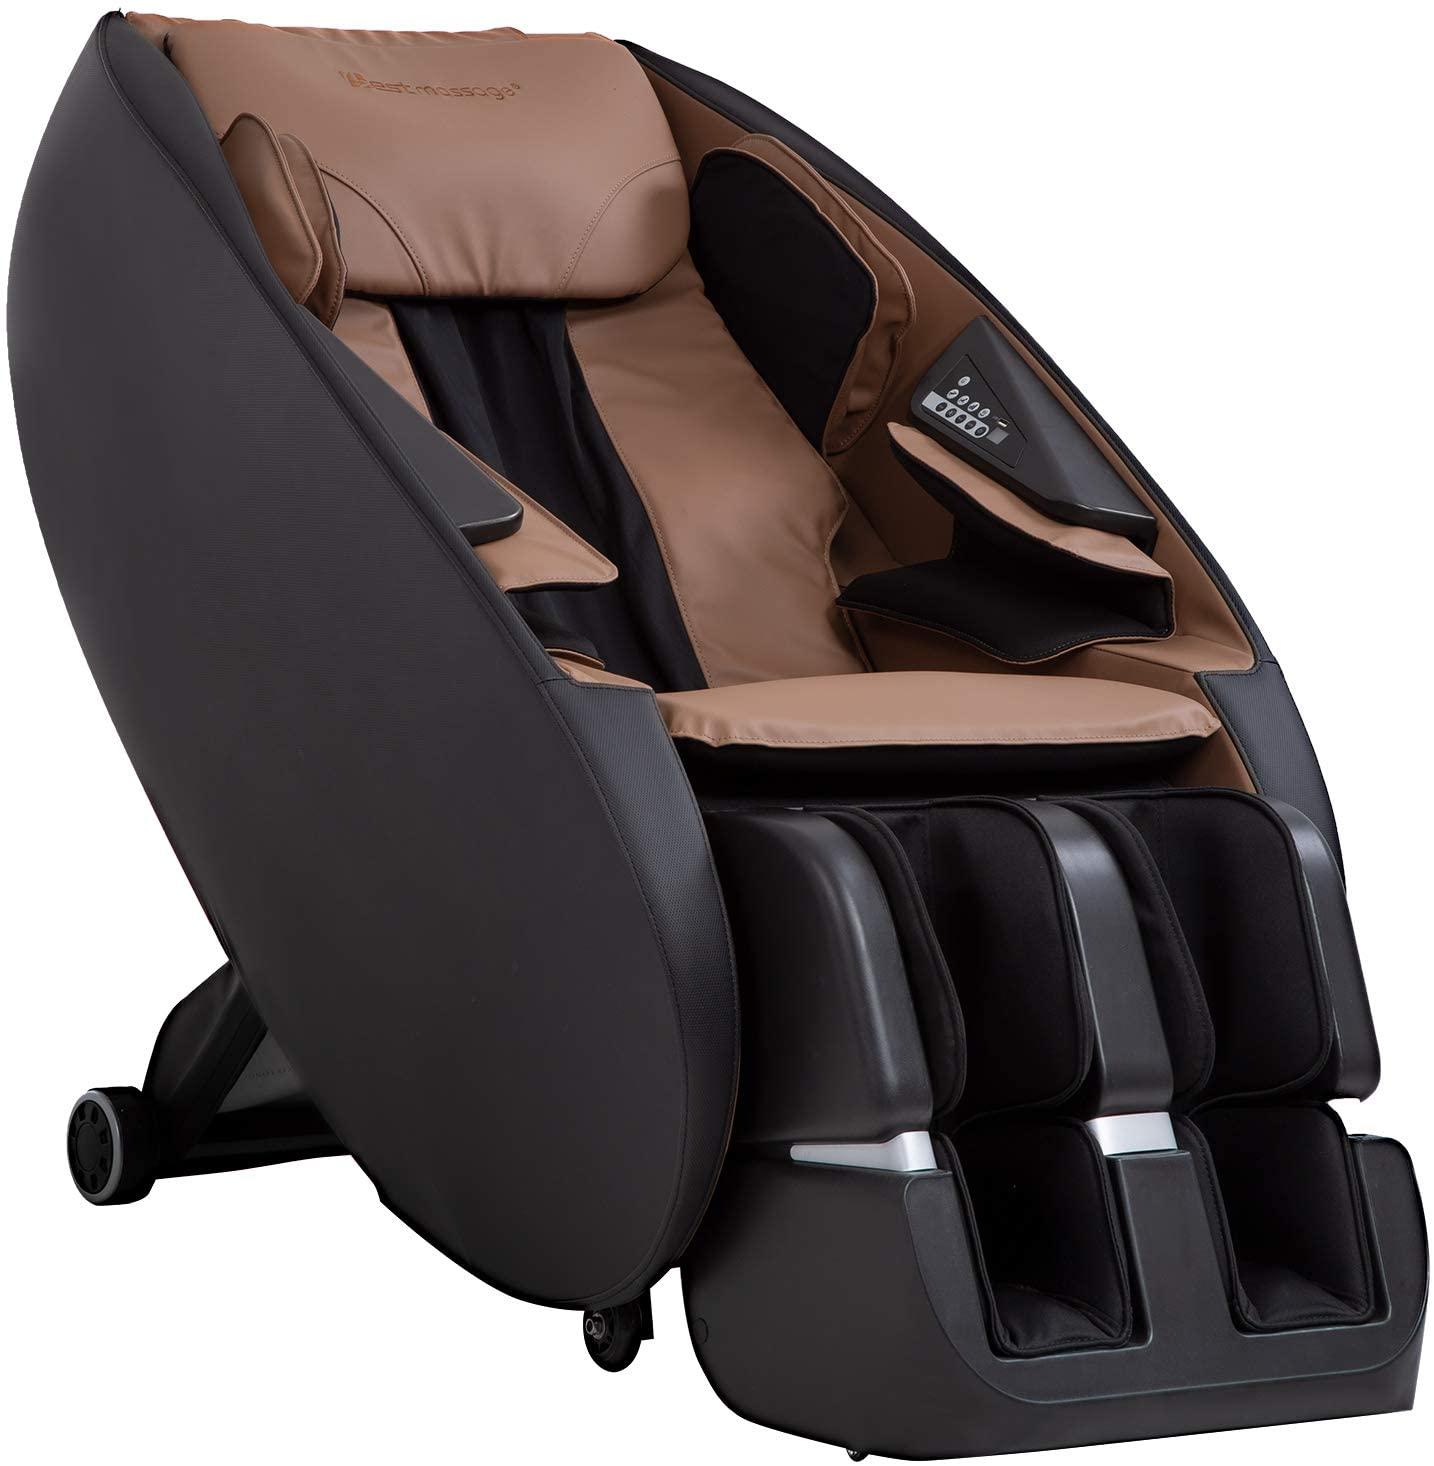 2. Best Massage - runner up for best Shiatsu Massage Chairs